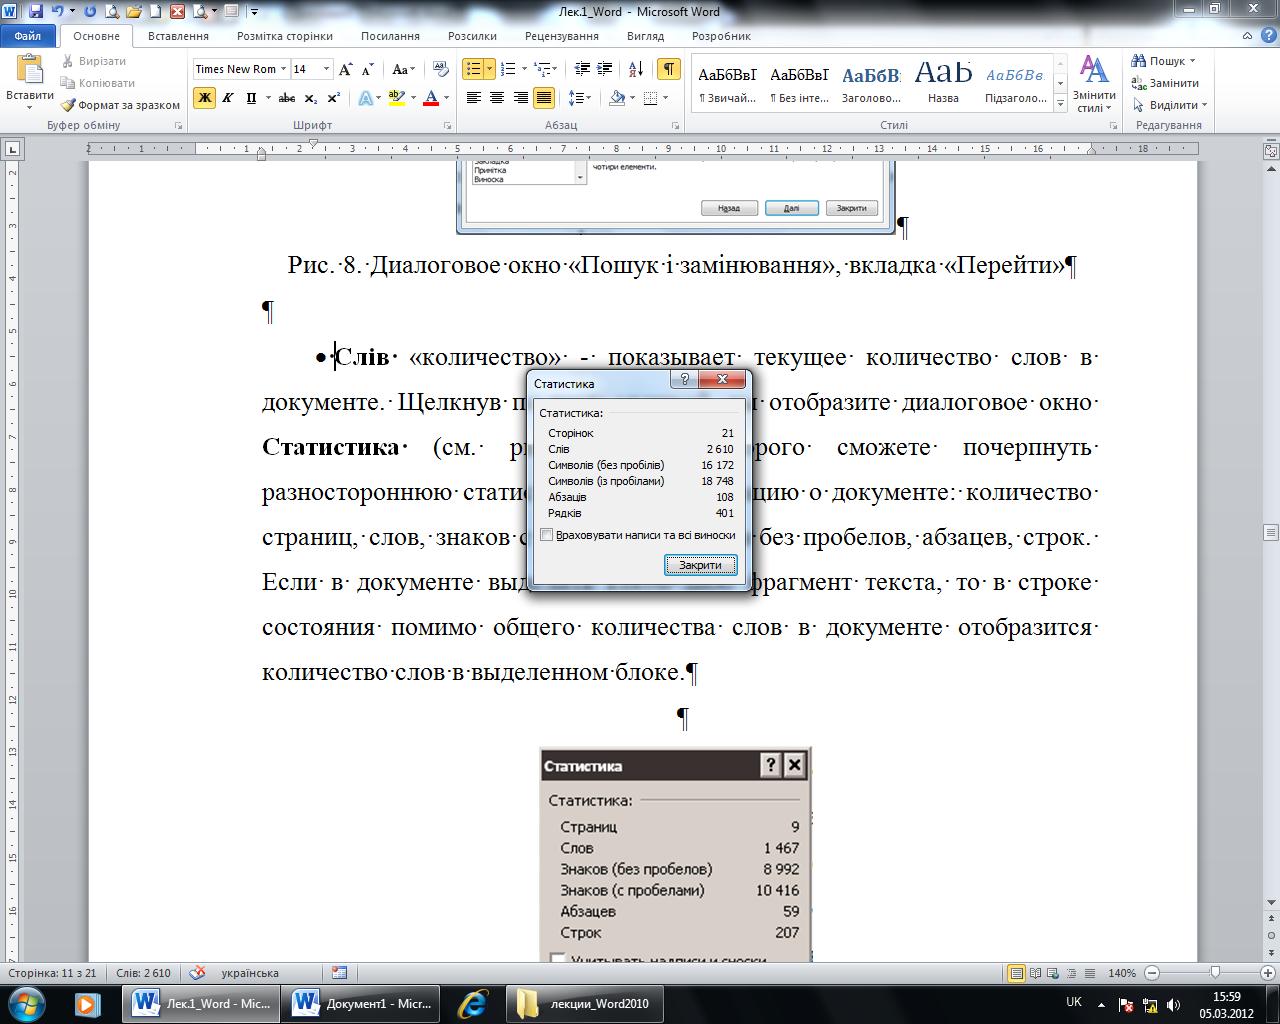 Как в ворде сделать красные строки во всем тексте